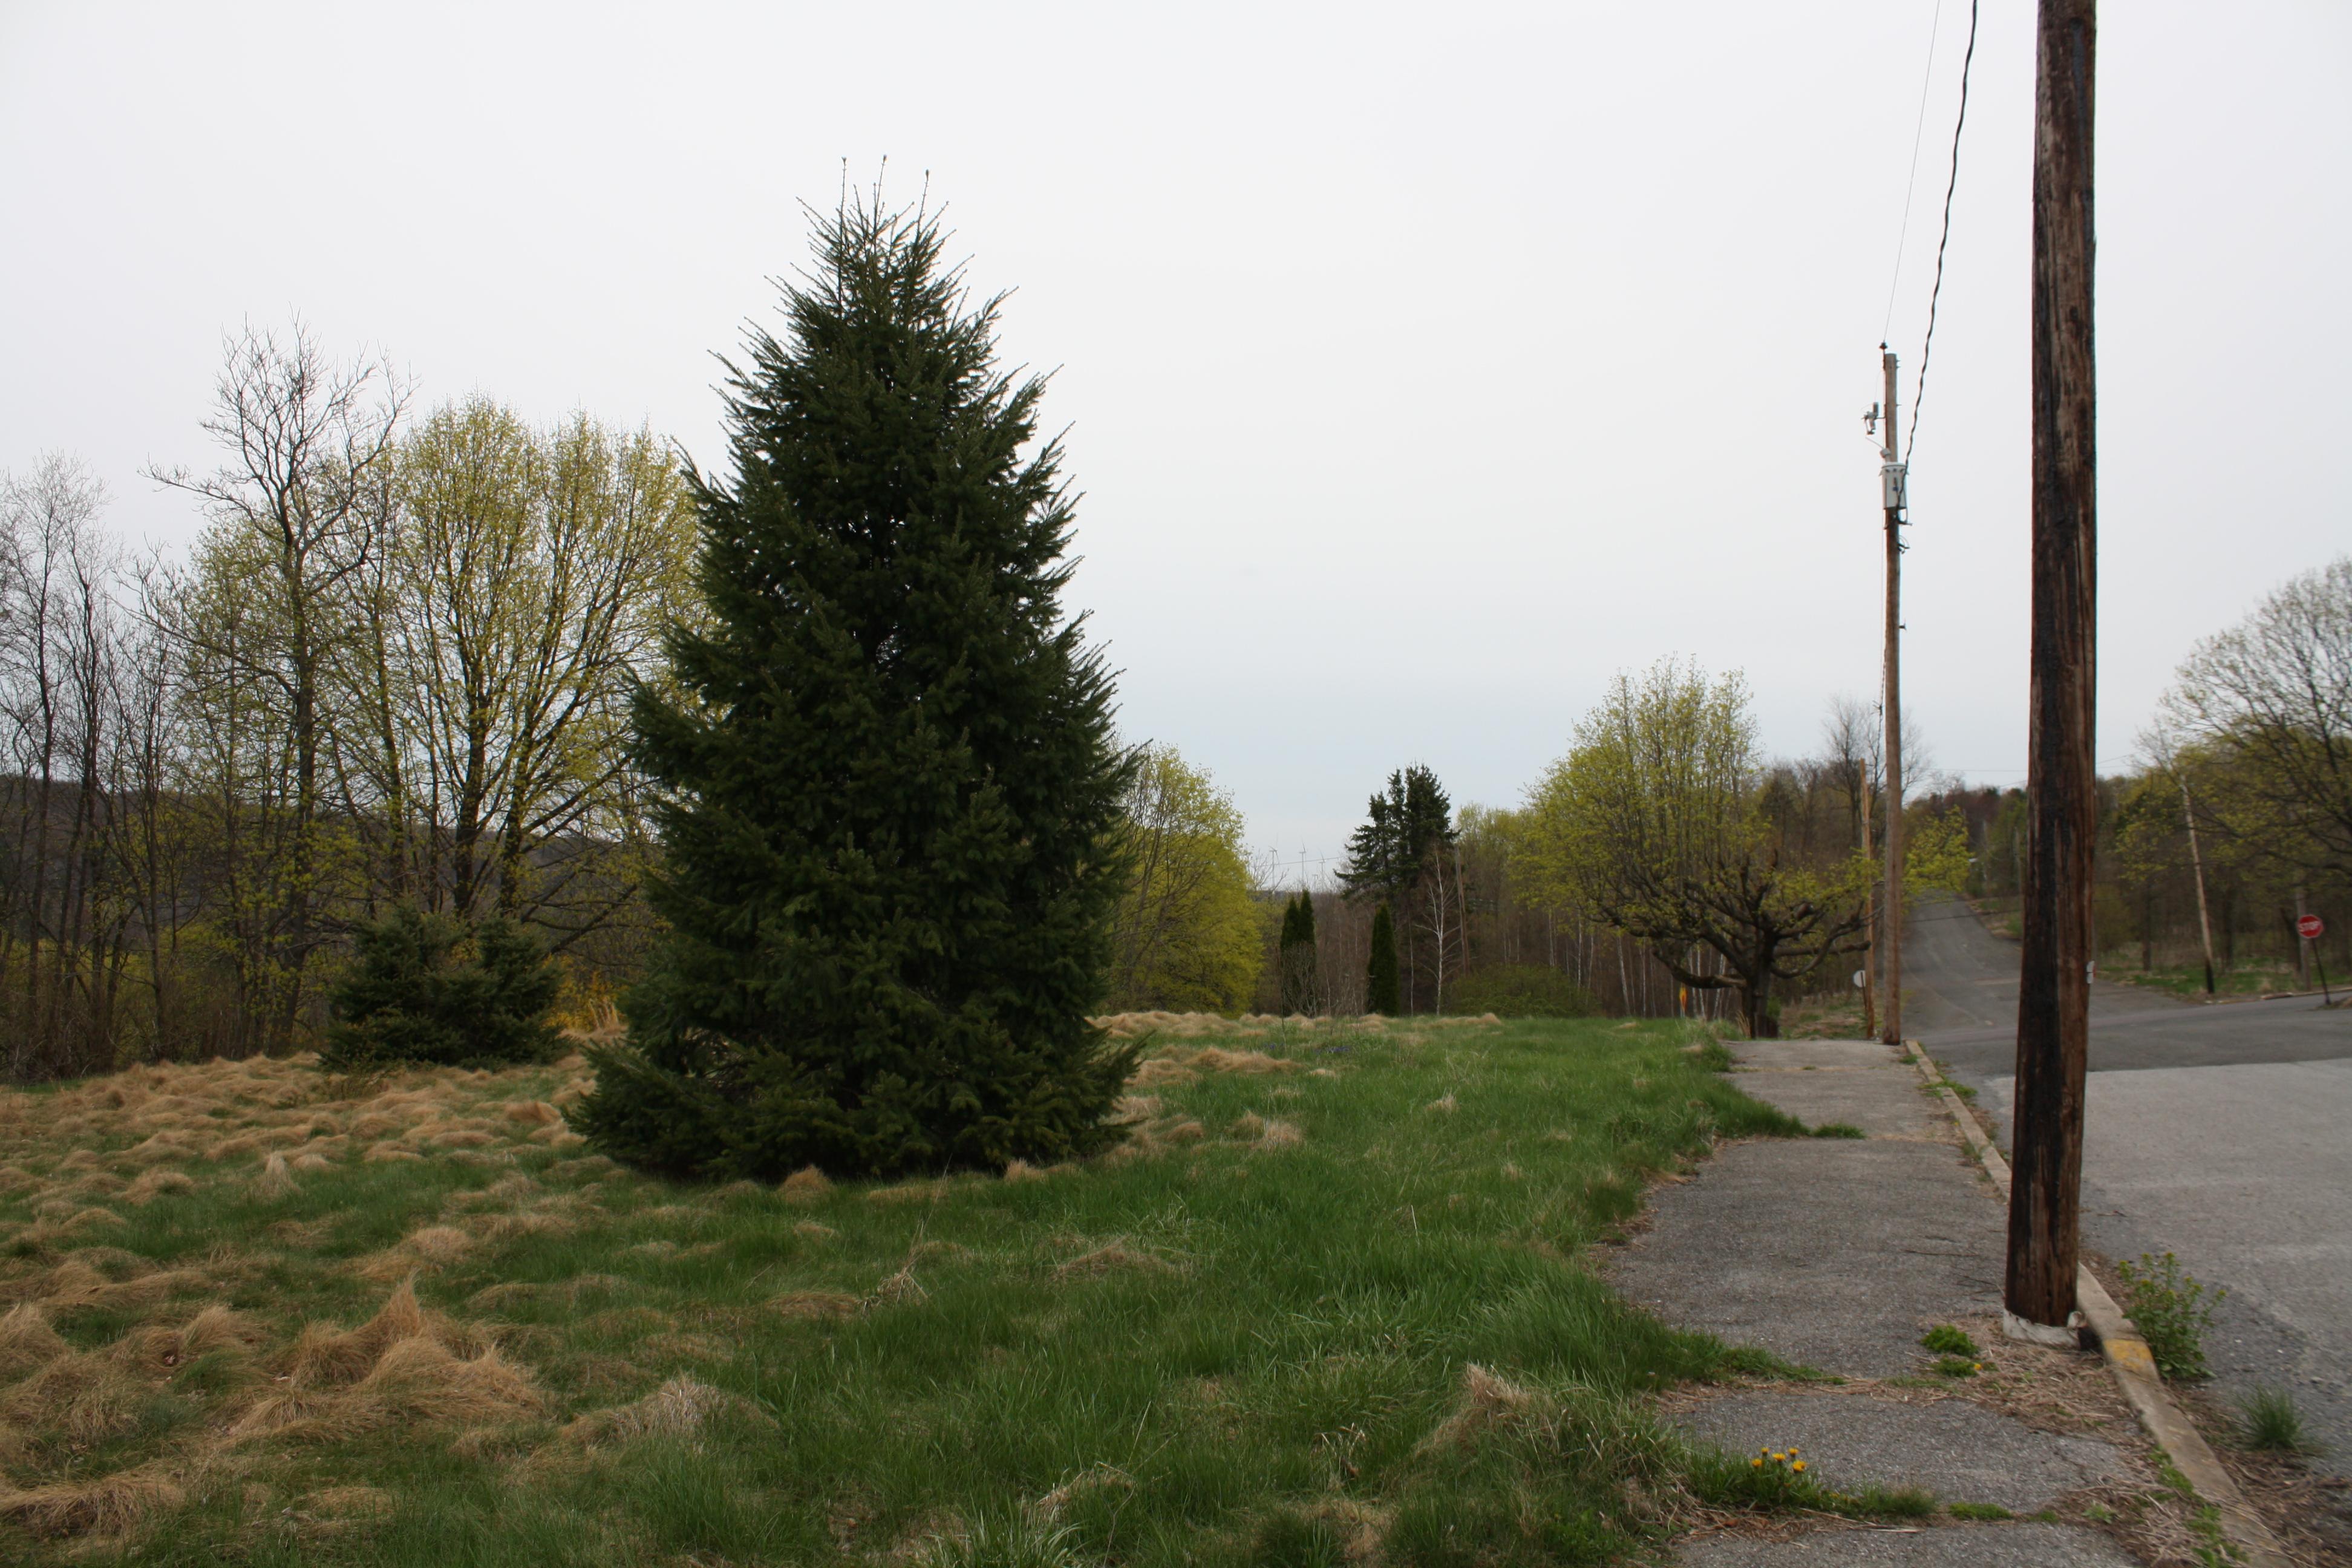 Dieser Baum stand einmal in einem Vorgarten.